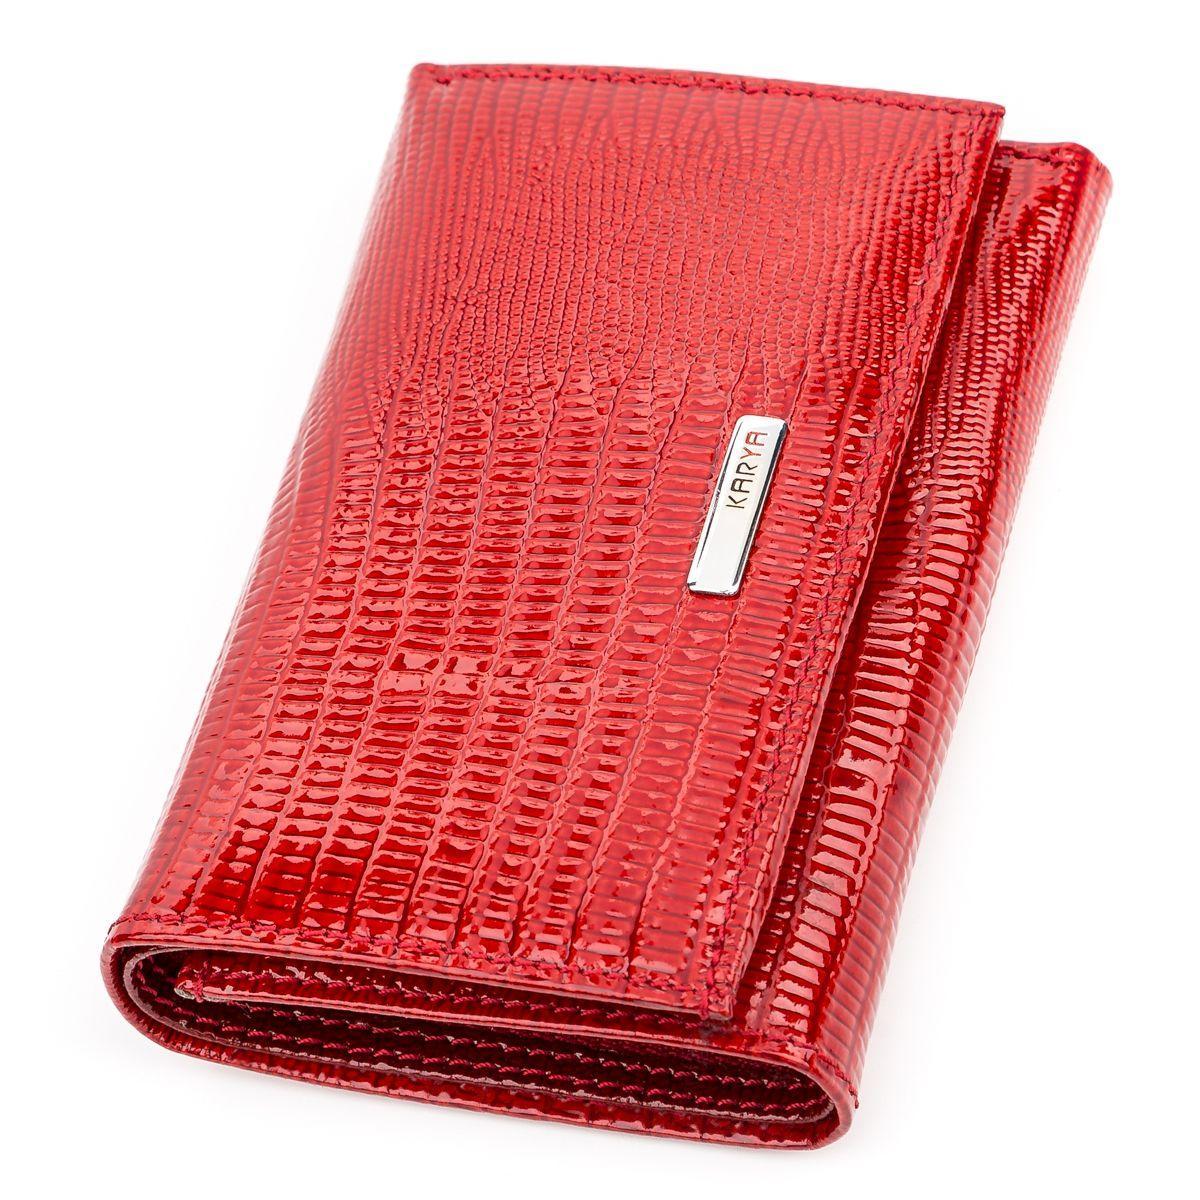 ec6f77884517 Кошелек женский KARYA 17169 кожаный Красный, Красный - купить по ...